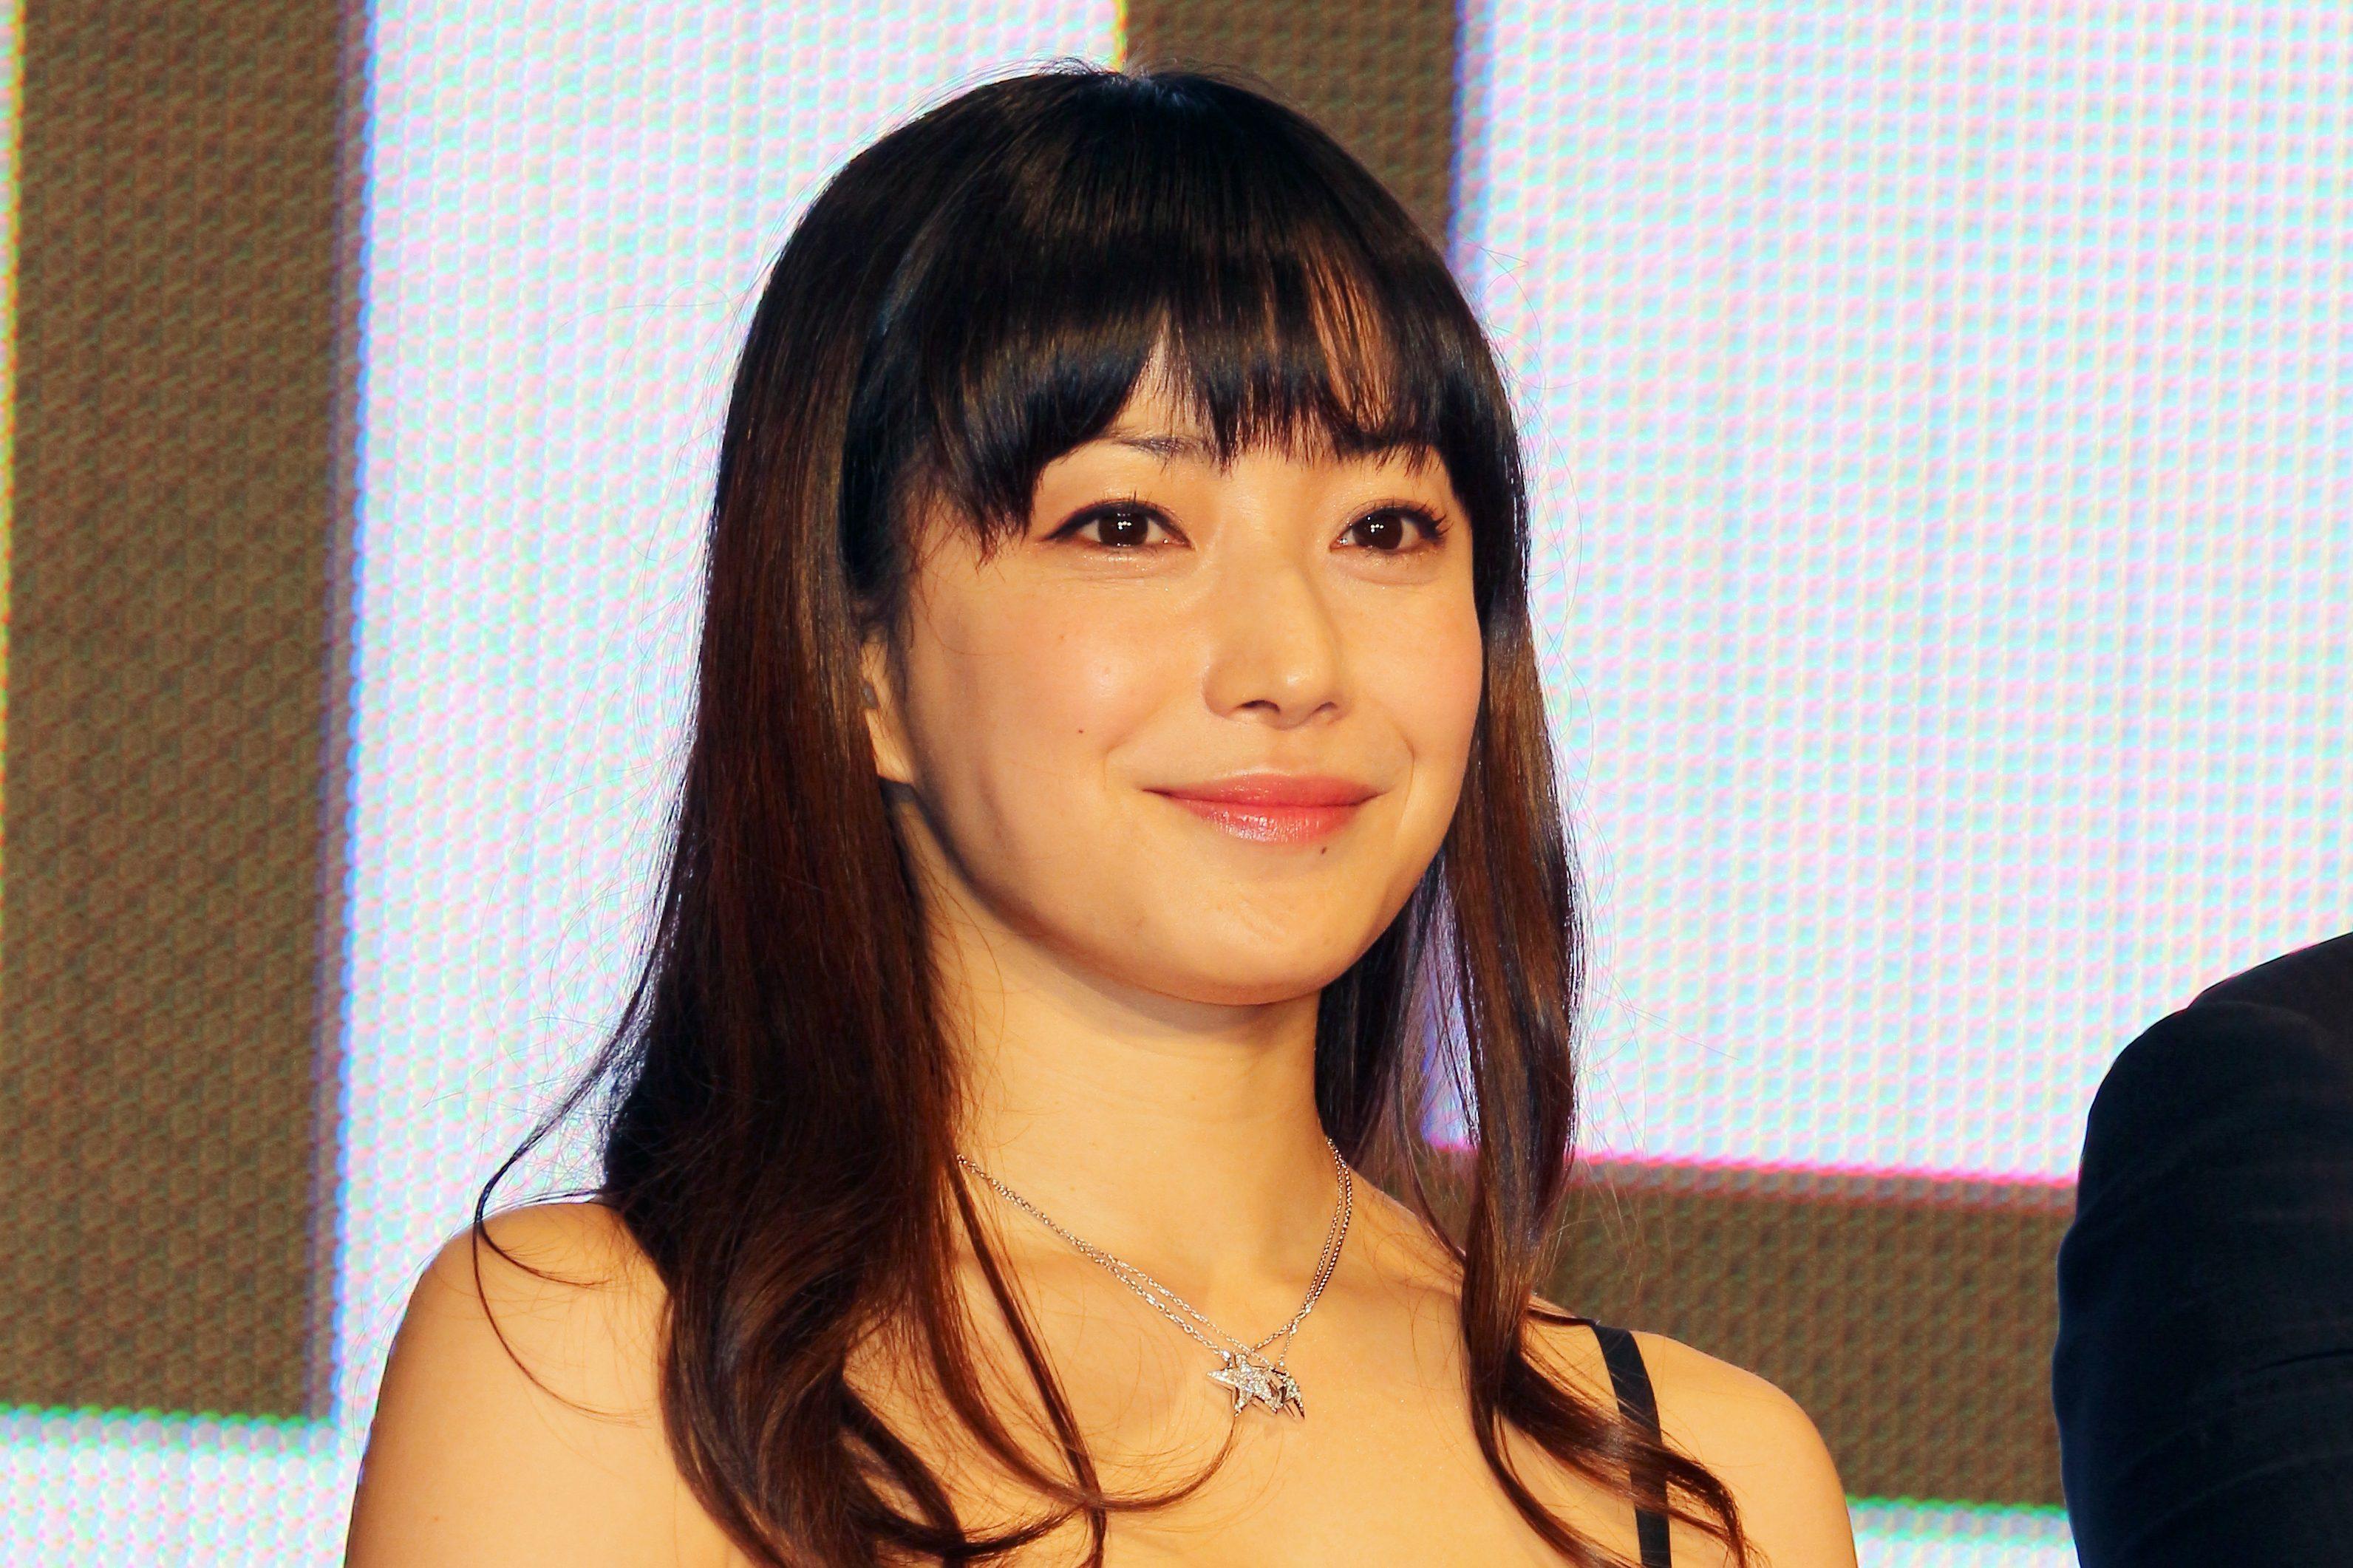 妊娠中の菅野美穂、『otona MUSE』オフショット公開 「美しい」と絶賛の声が集まる - 菅野美穂